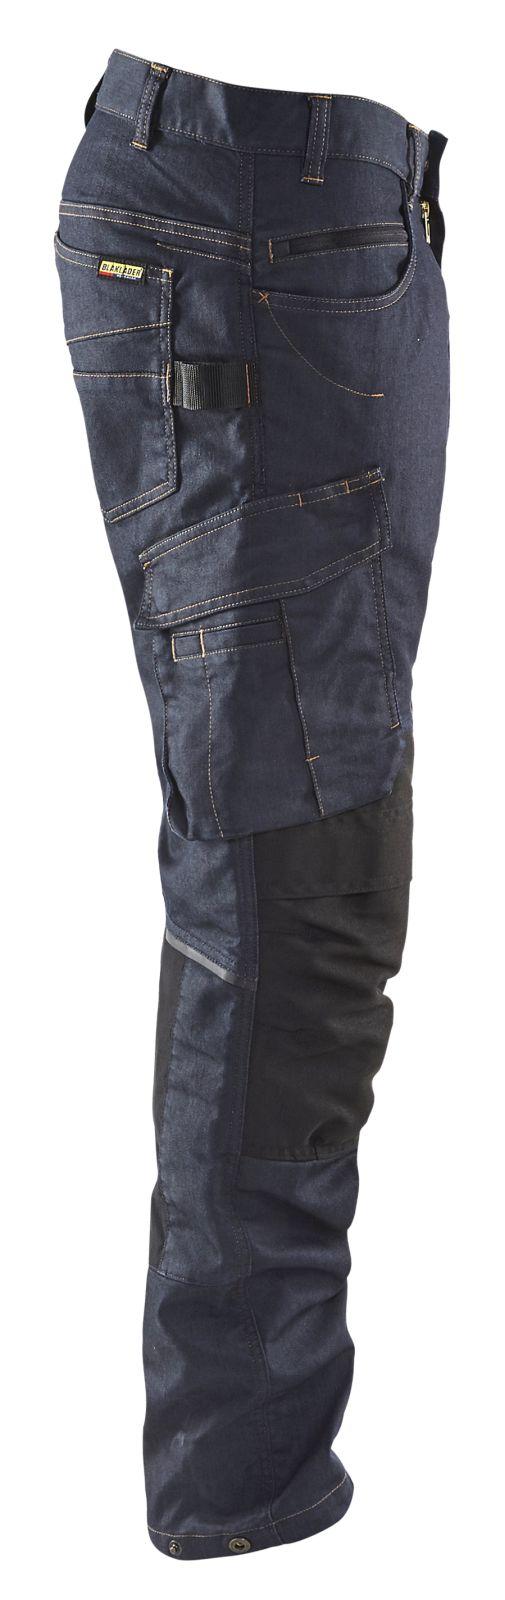 Blaklader Broeken 14971141 marineblauw-zwart(8999)